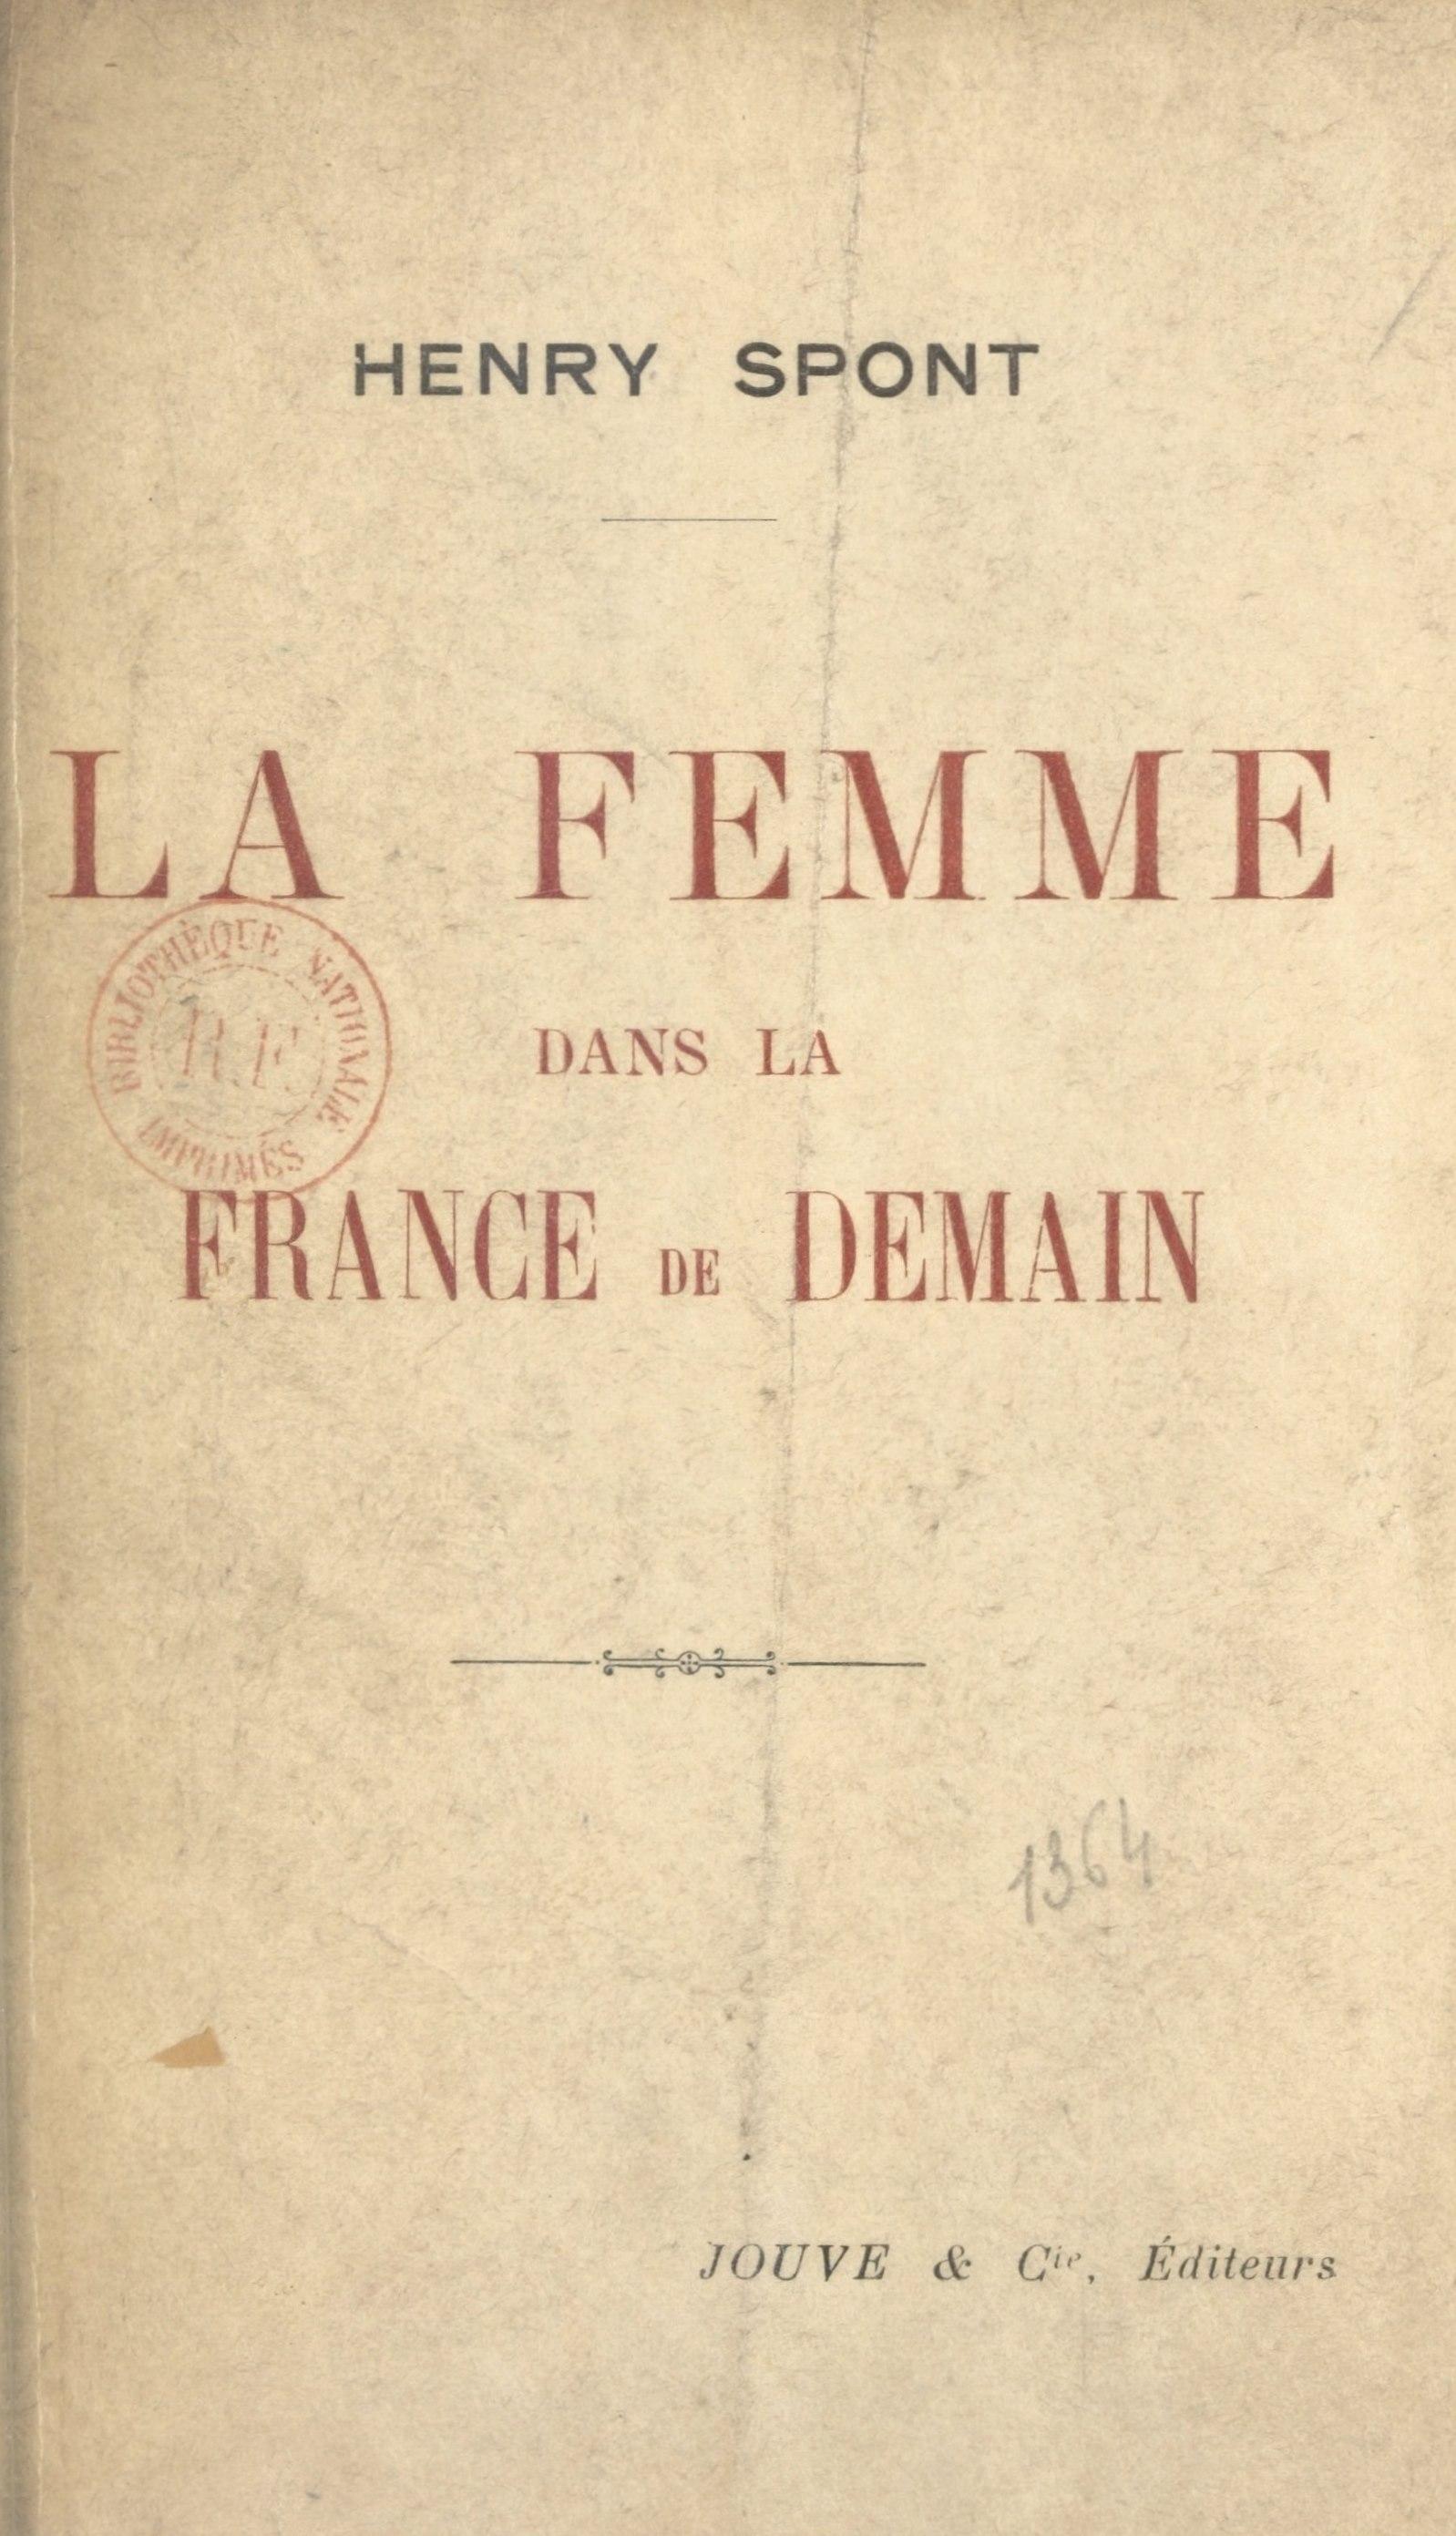 La femme dans la France de demain